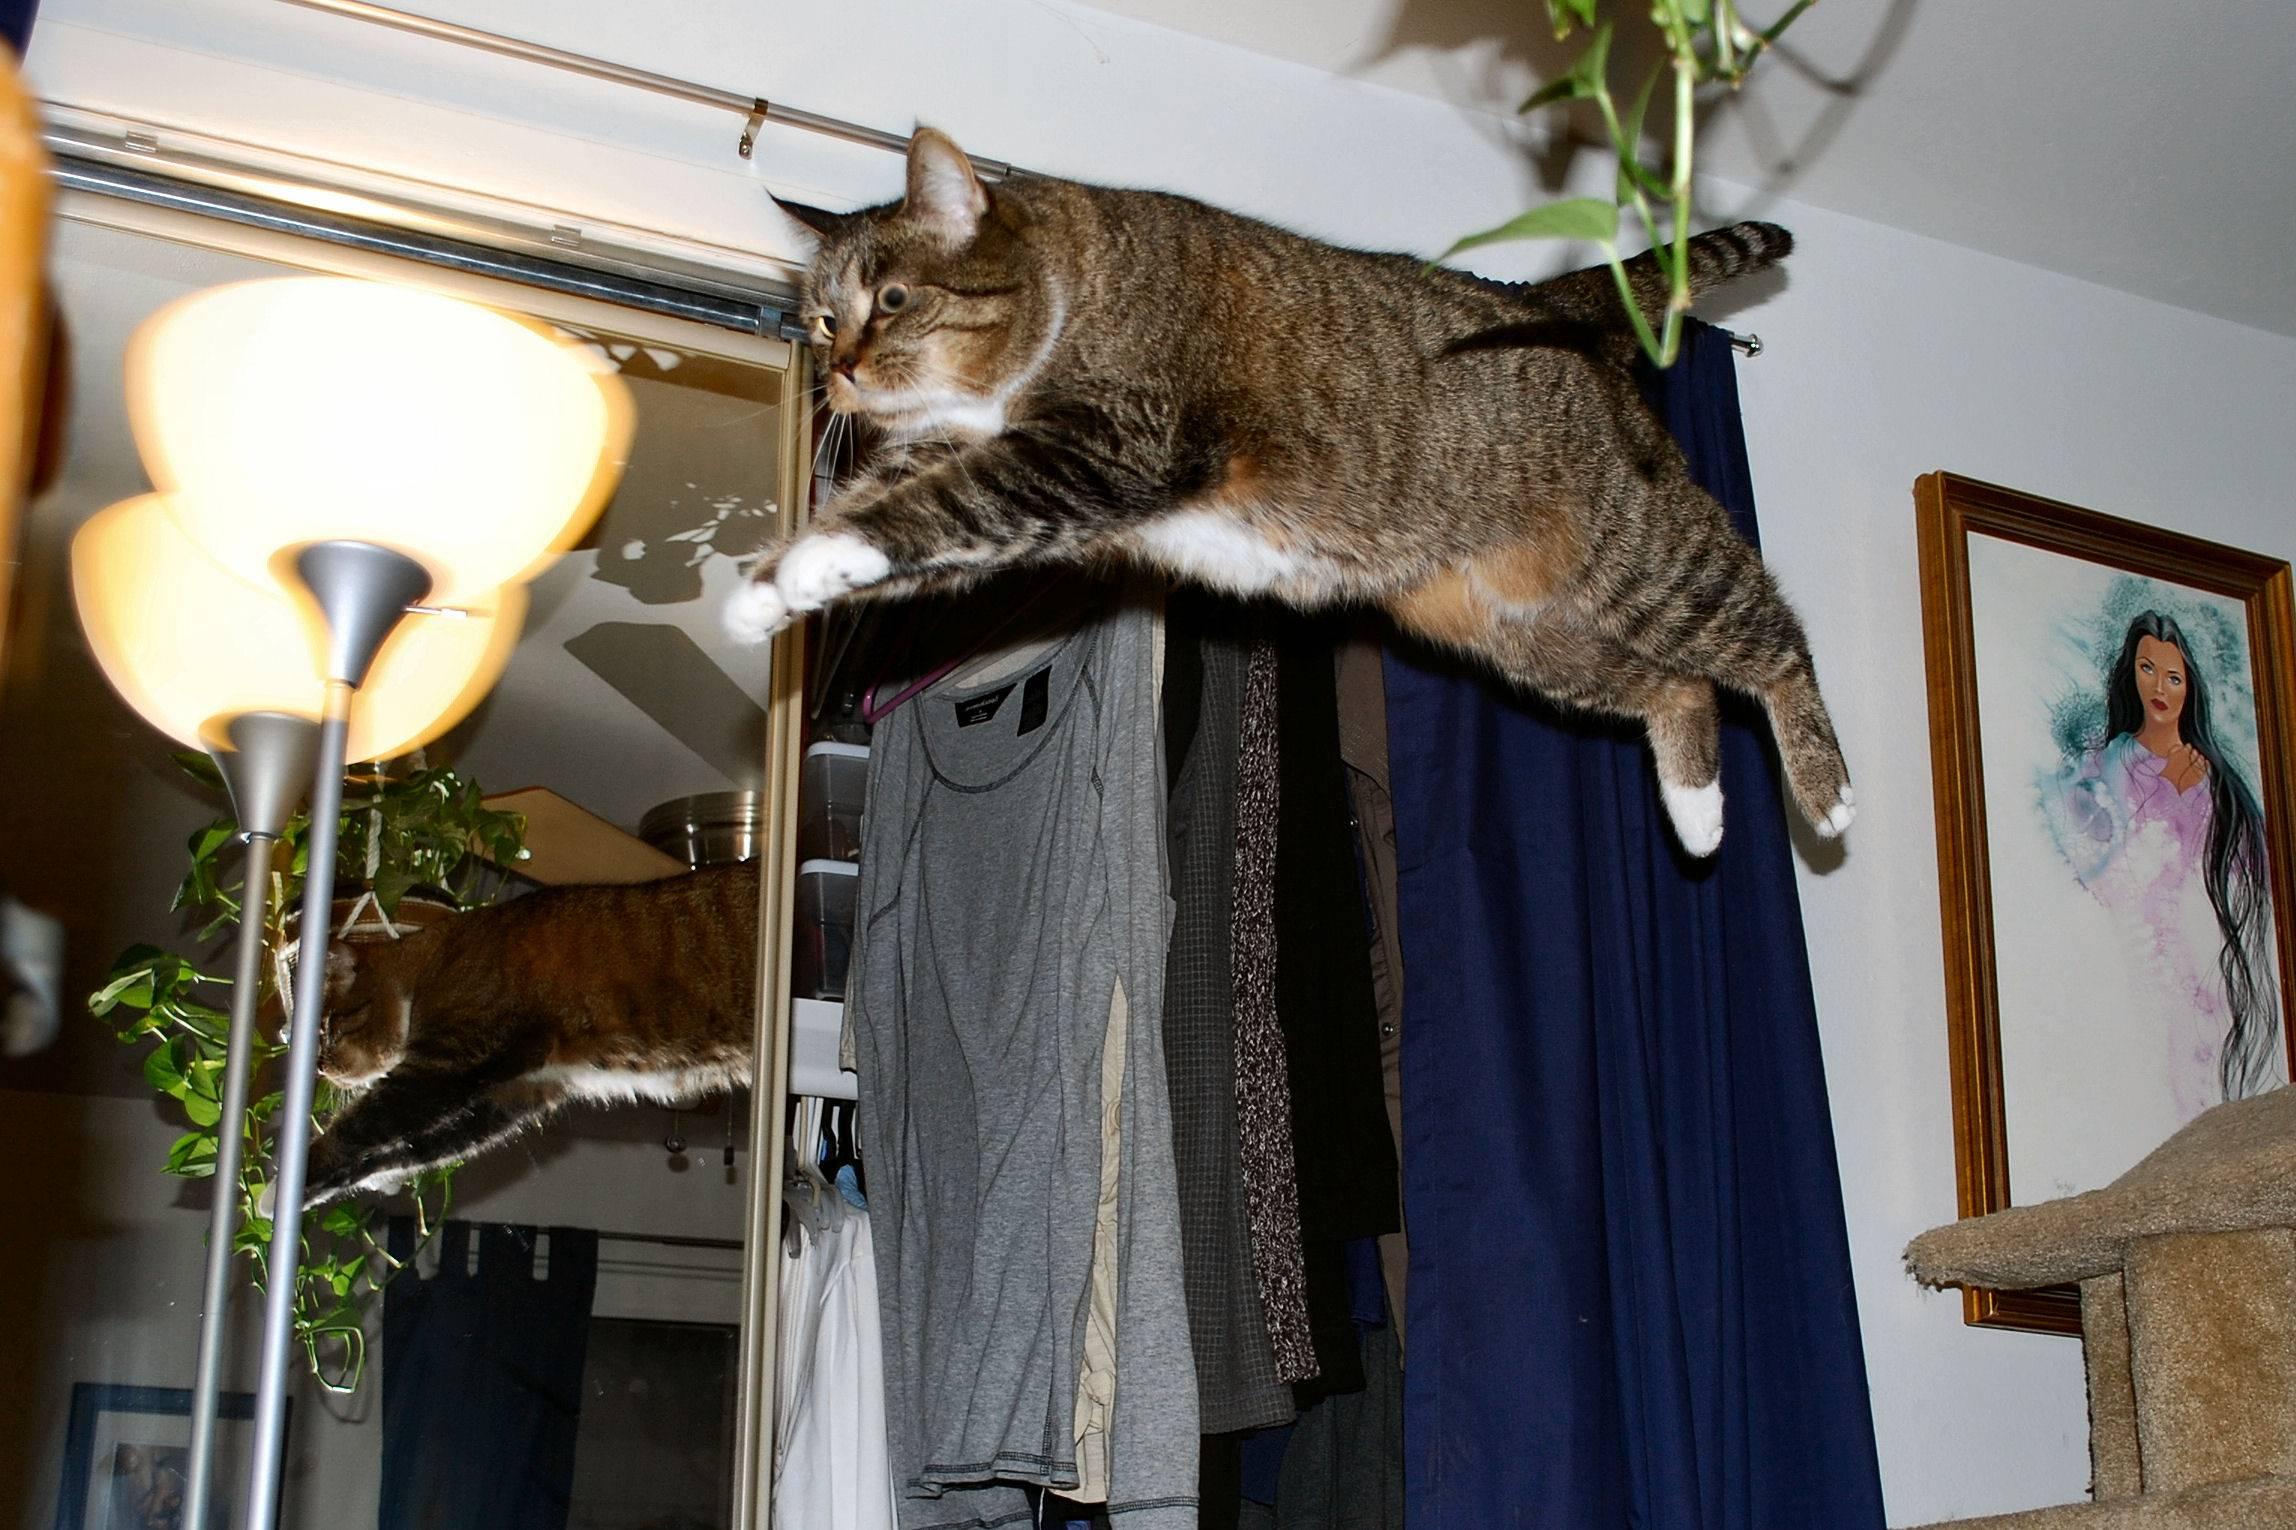 Кошка мяукает: какие звуки, что значат, как отучить бегать и мяукать по ночам, что означает беспокойное поведение?